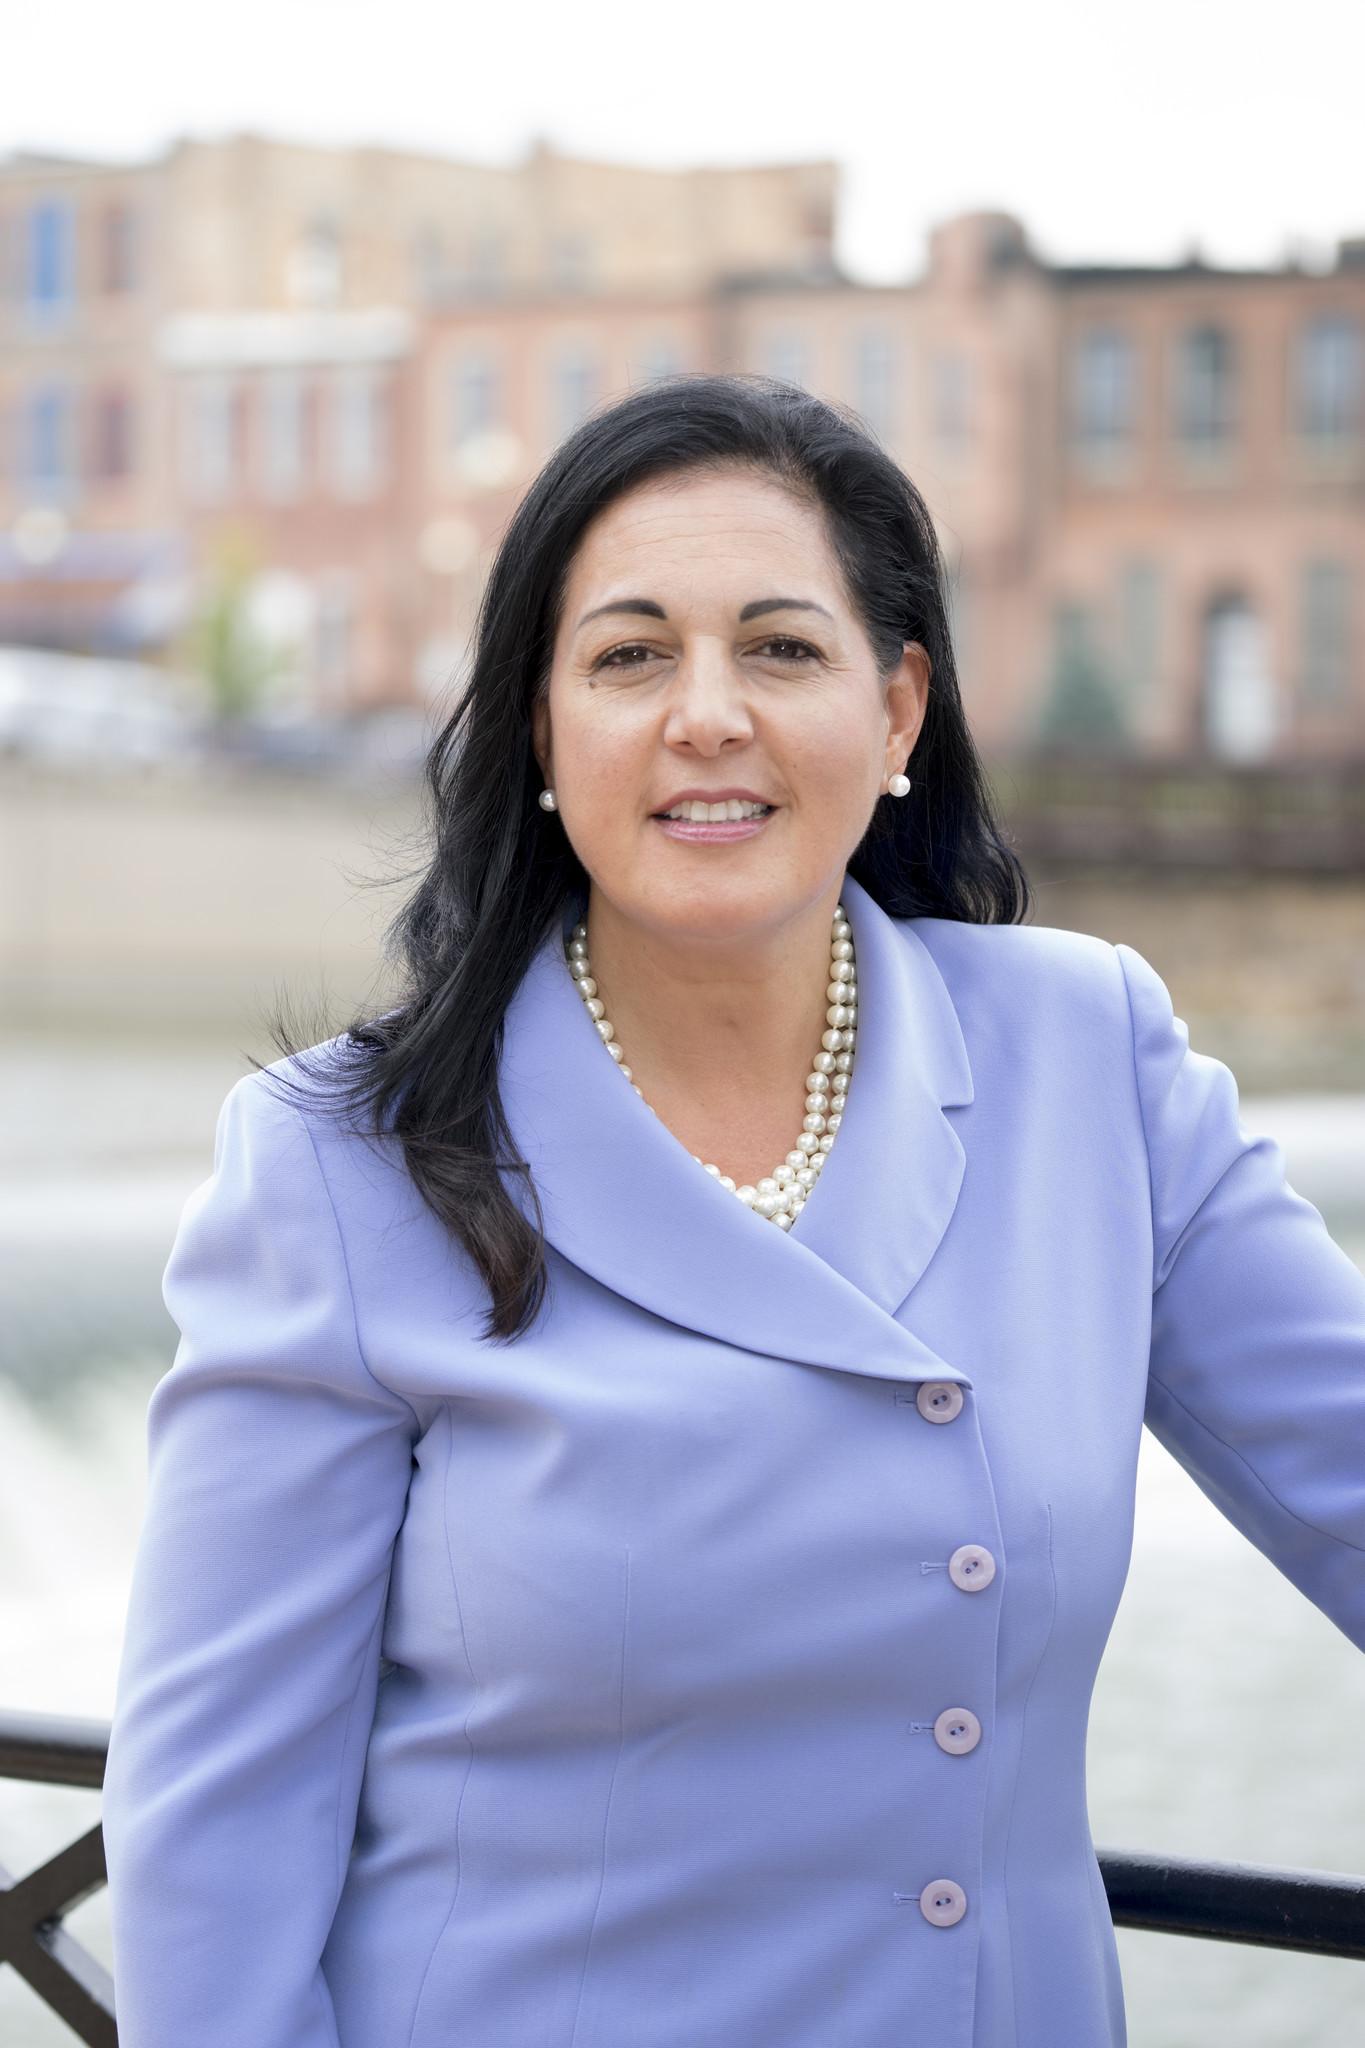 seiu state council endorses linda chapa lavia for mayor of